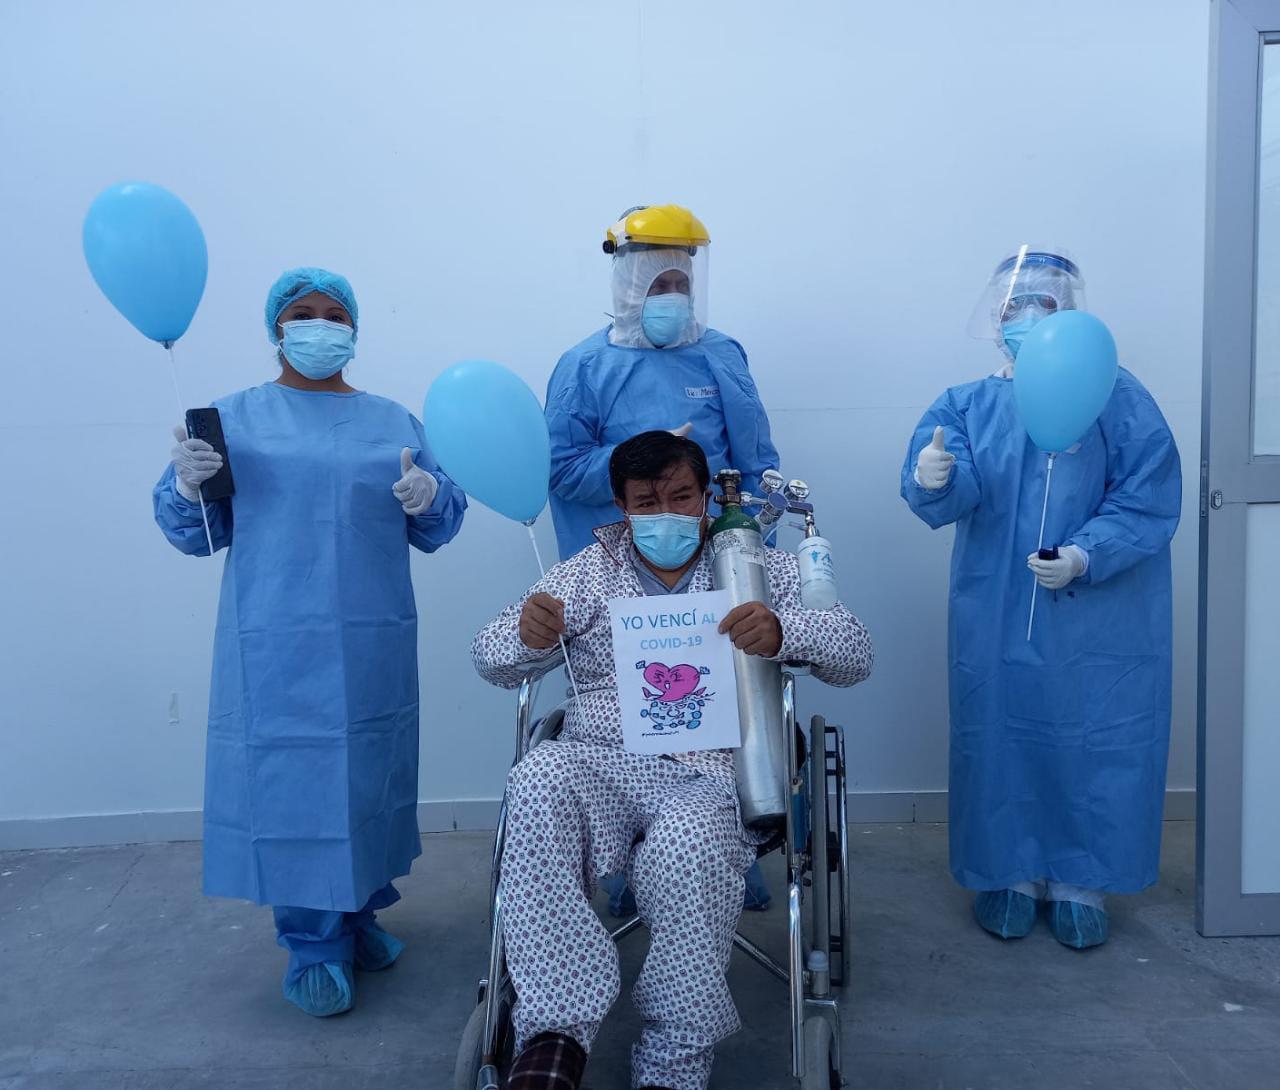 Essalud - Villa Huaraz de EsSalud da de alta a más de 20 pacientes diagnosticados con Covid-19 a dos semanas de su inauguración